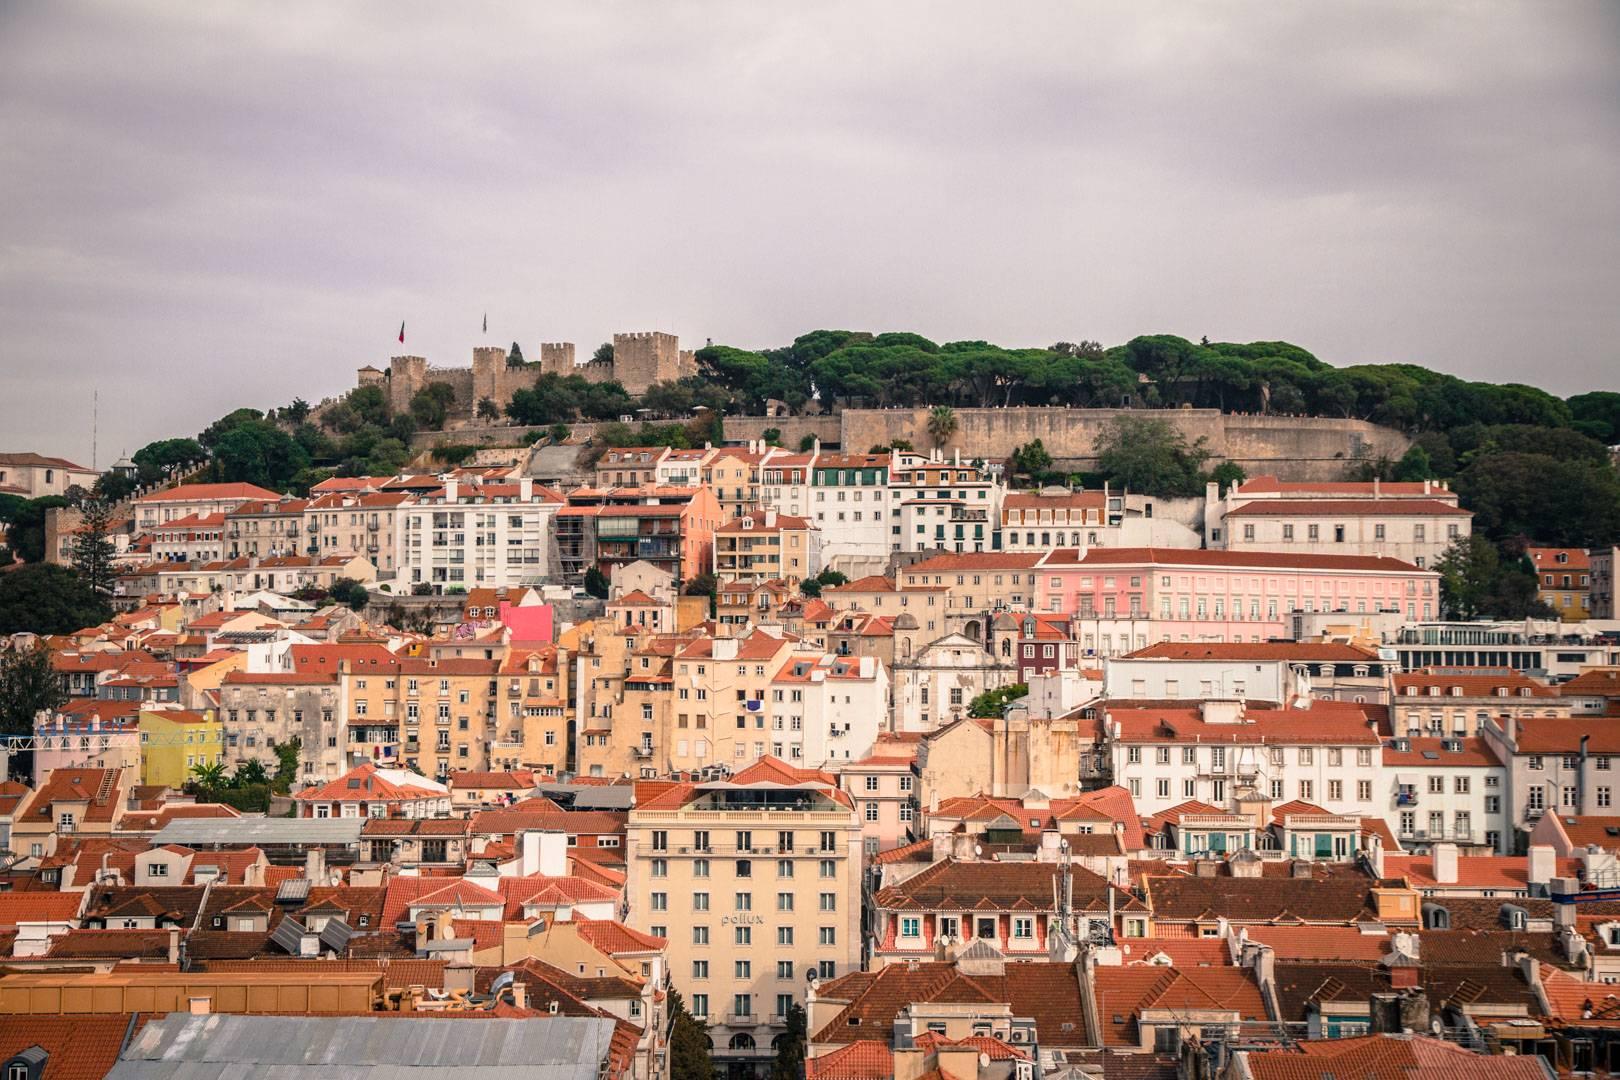 Photo 2: Château Saint-Georges - Lisbonne